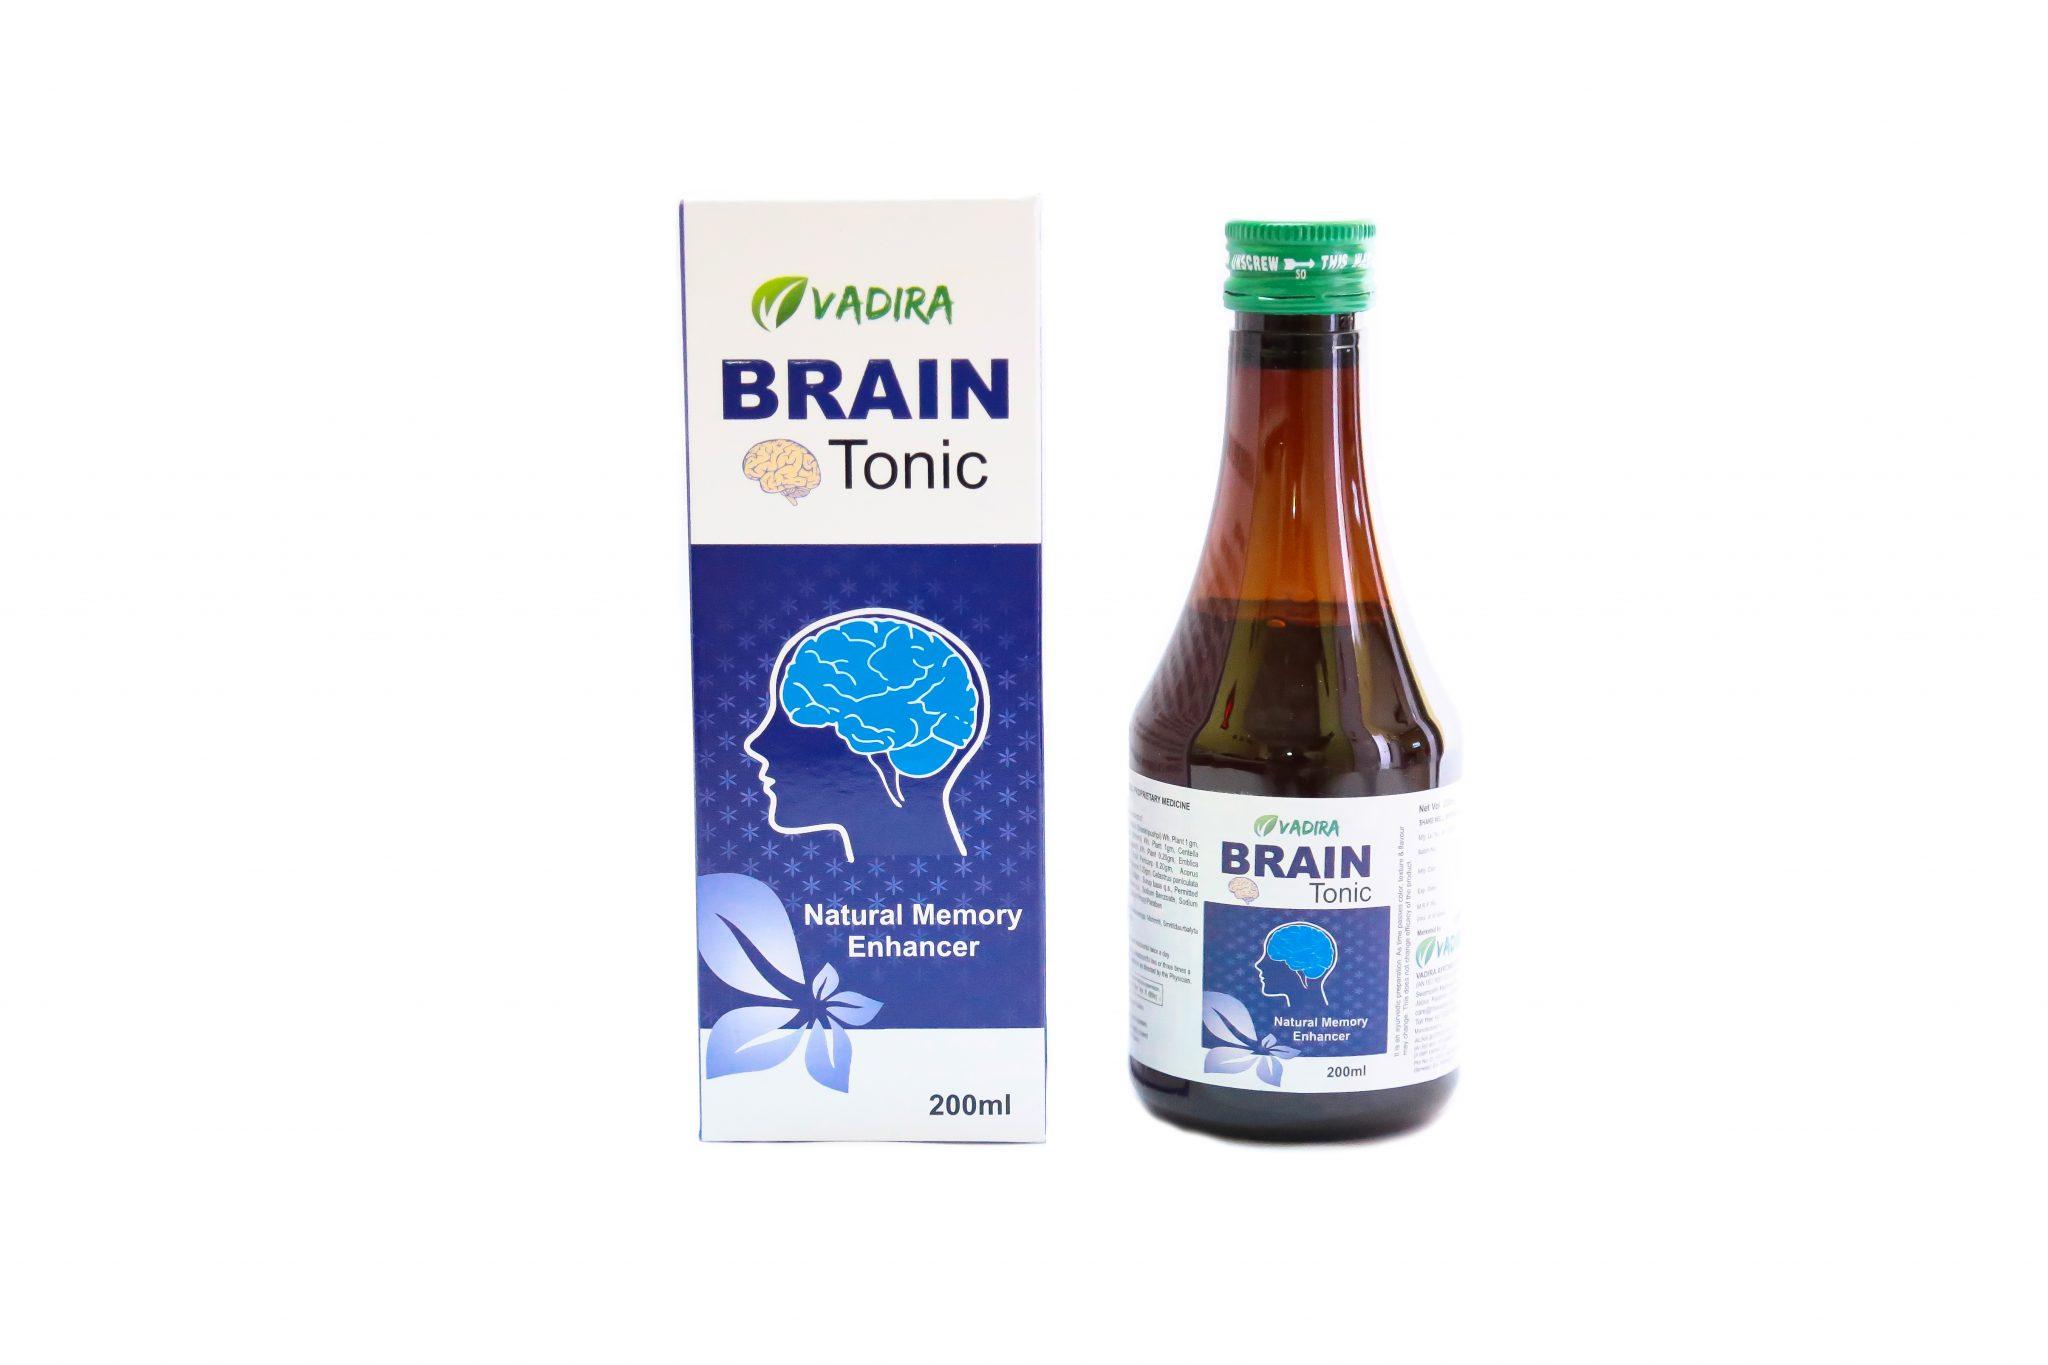 Vadira Brain Tonic Ayurvedic Tonic For Boosting Memory